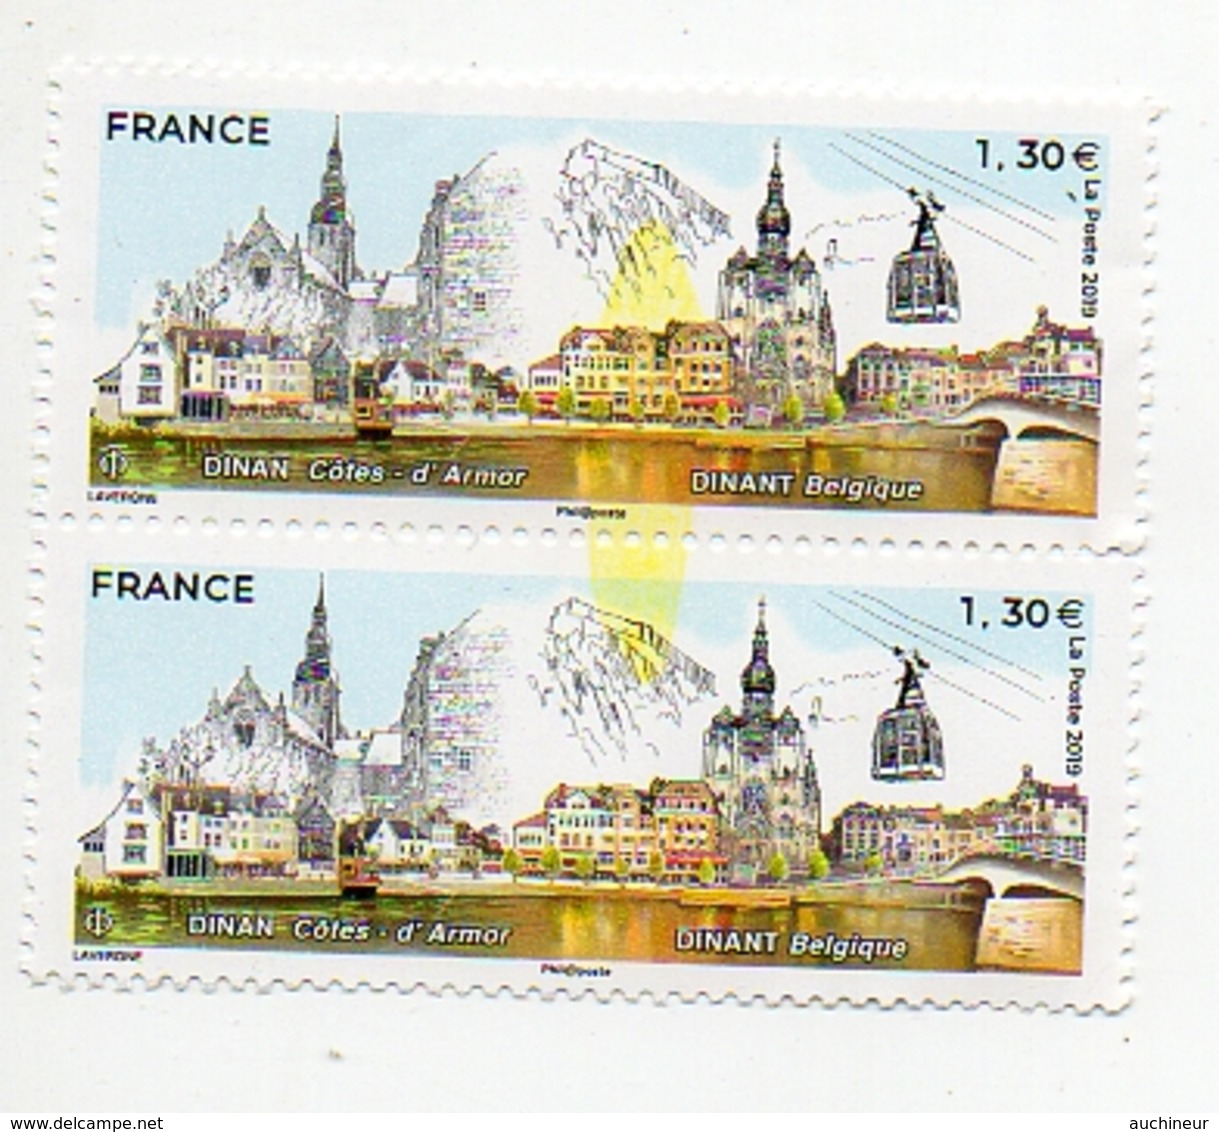 Variété 2019 France Europe Dinan Dinant, Coulure Central Couleur Jaune Sur 2 Timbres Attenant - Varietà: 2010-.. Nuovi